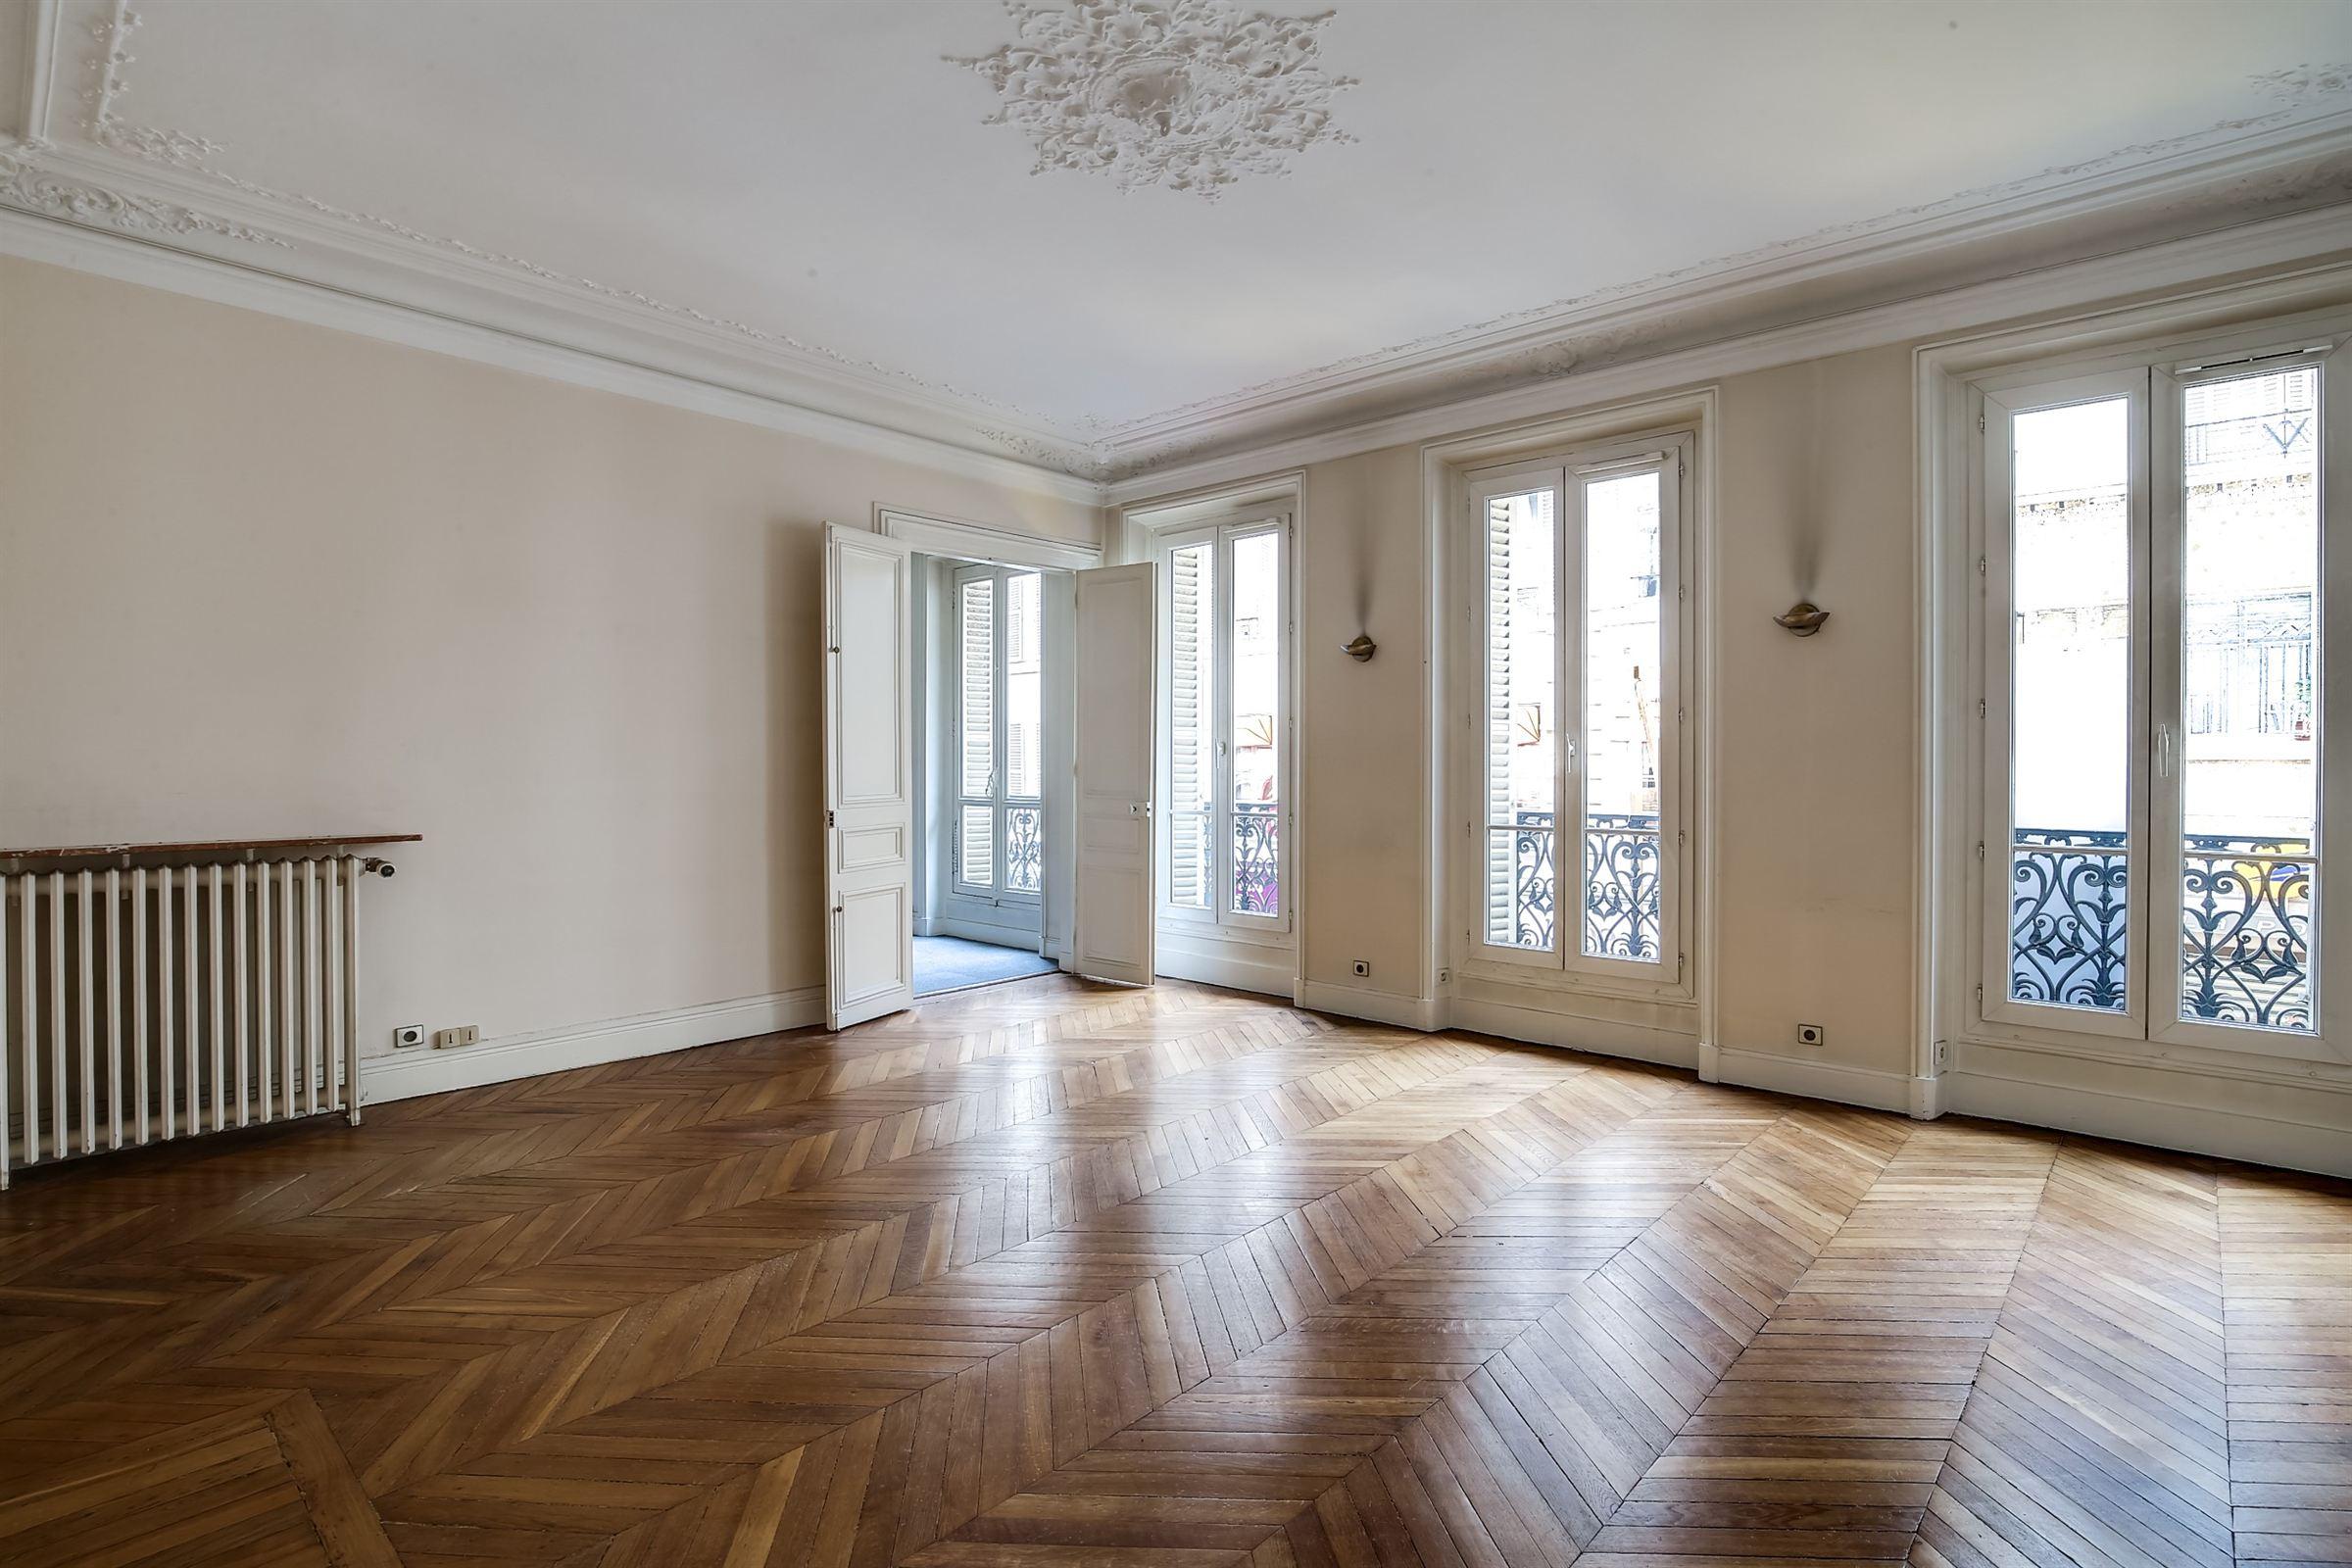 sales property at A 7-room Apartment for sale, Paris 8 - Champs-Elysées, 4 bedrooms